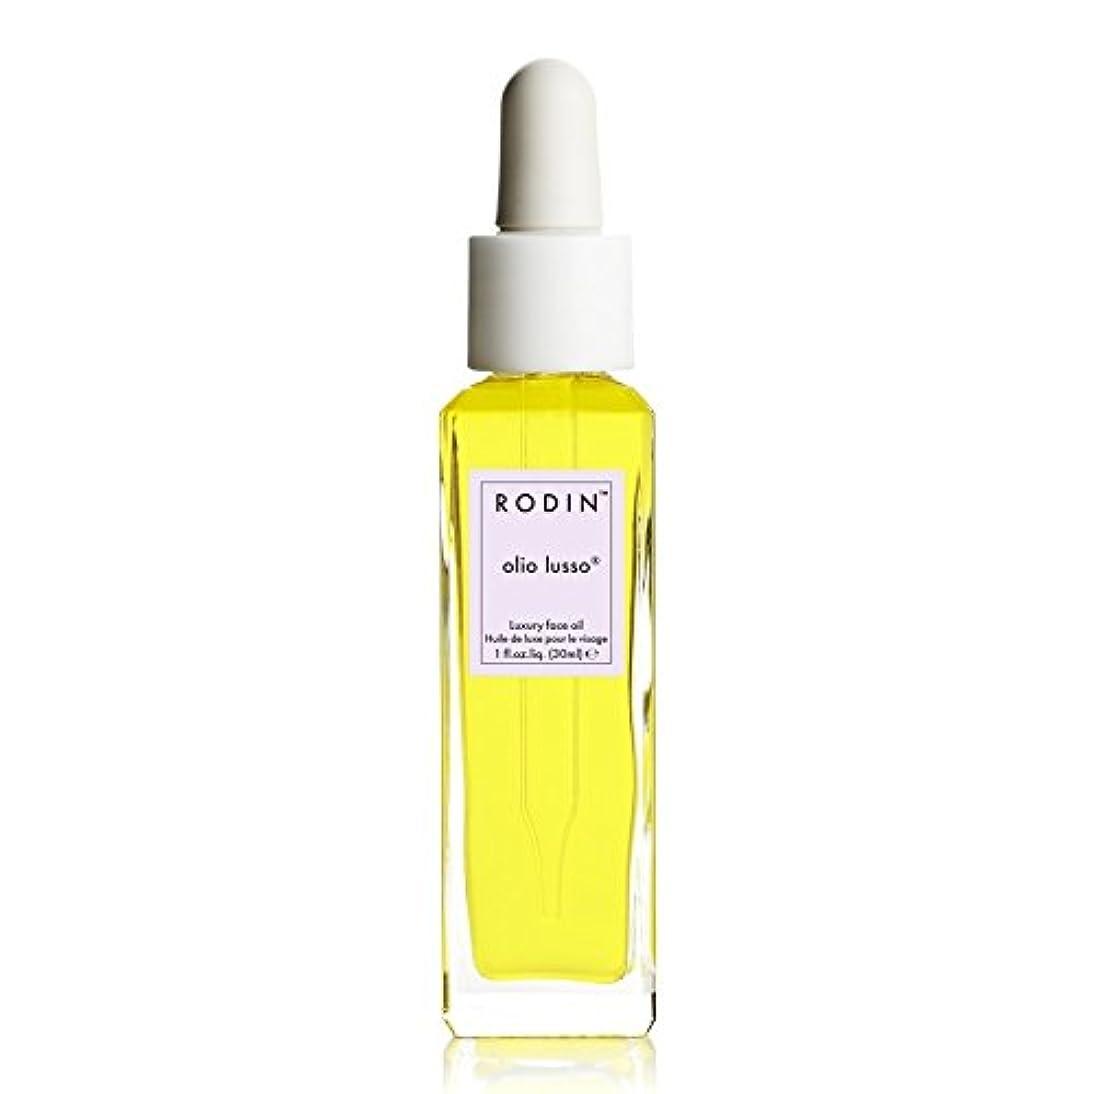 境界矢印ヤギロダンルッソラベンダー絶対贅沢な顔オイル30ミリリットル x4 - RODIN olio lusso Lavender Absolute Luxury Face Oil 30ml (Pack of 4) [並行輸入品]